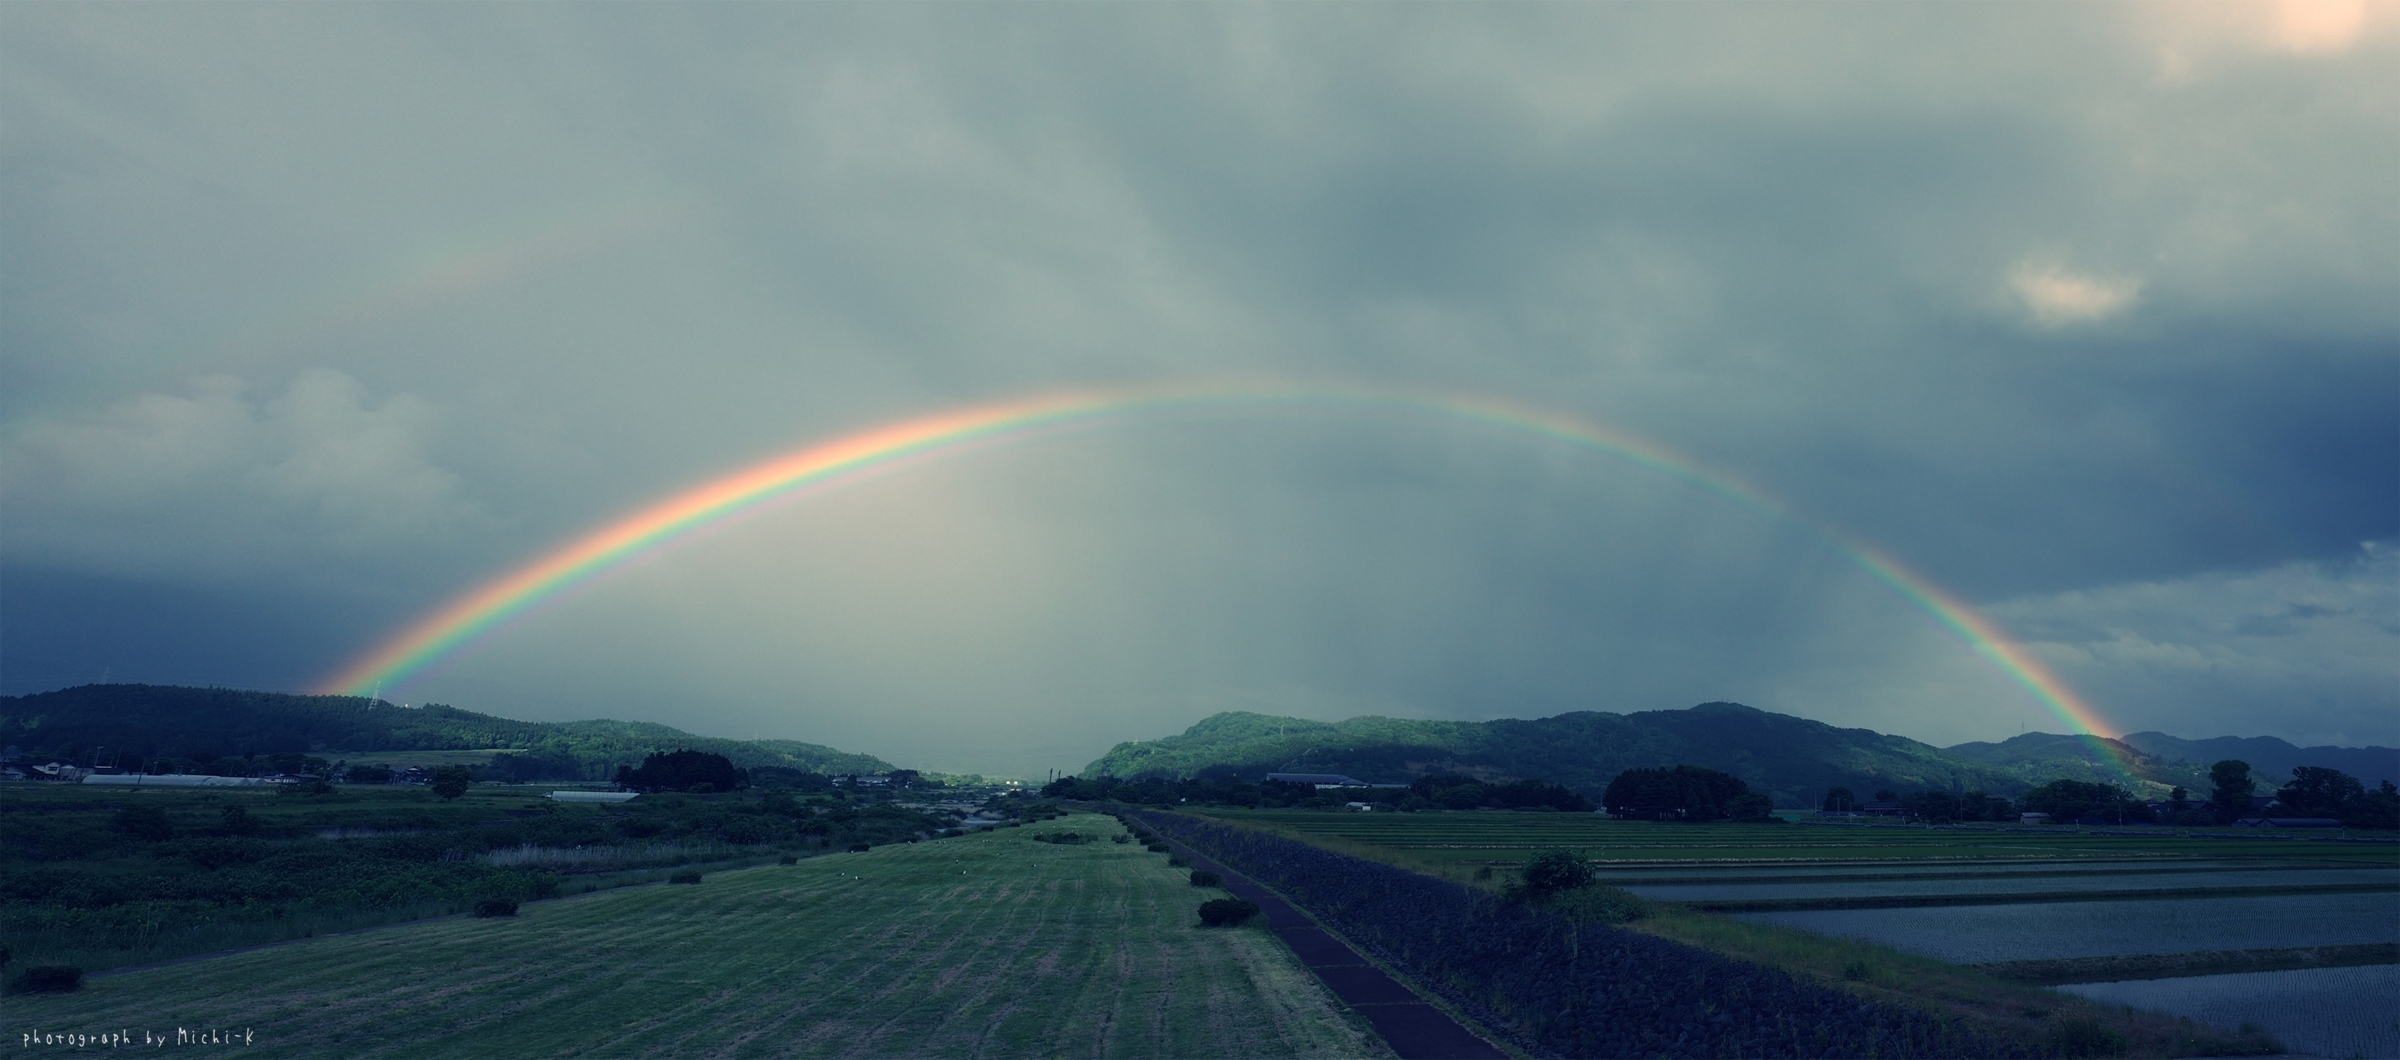 山形県遊佐町で見た虹2